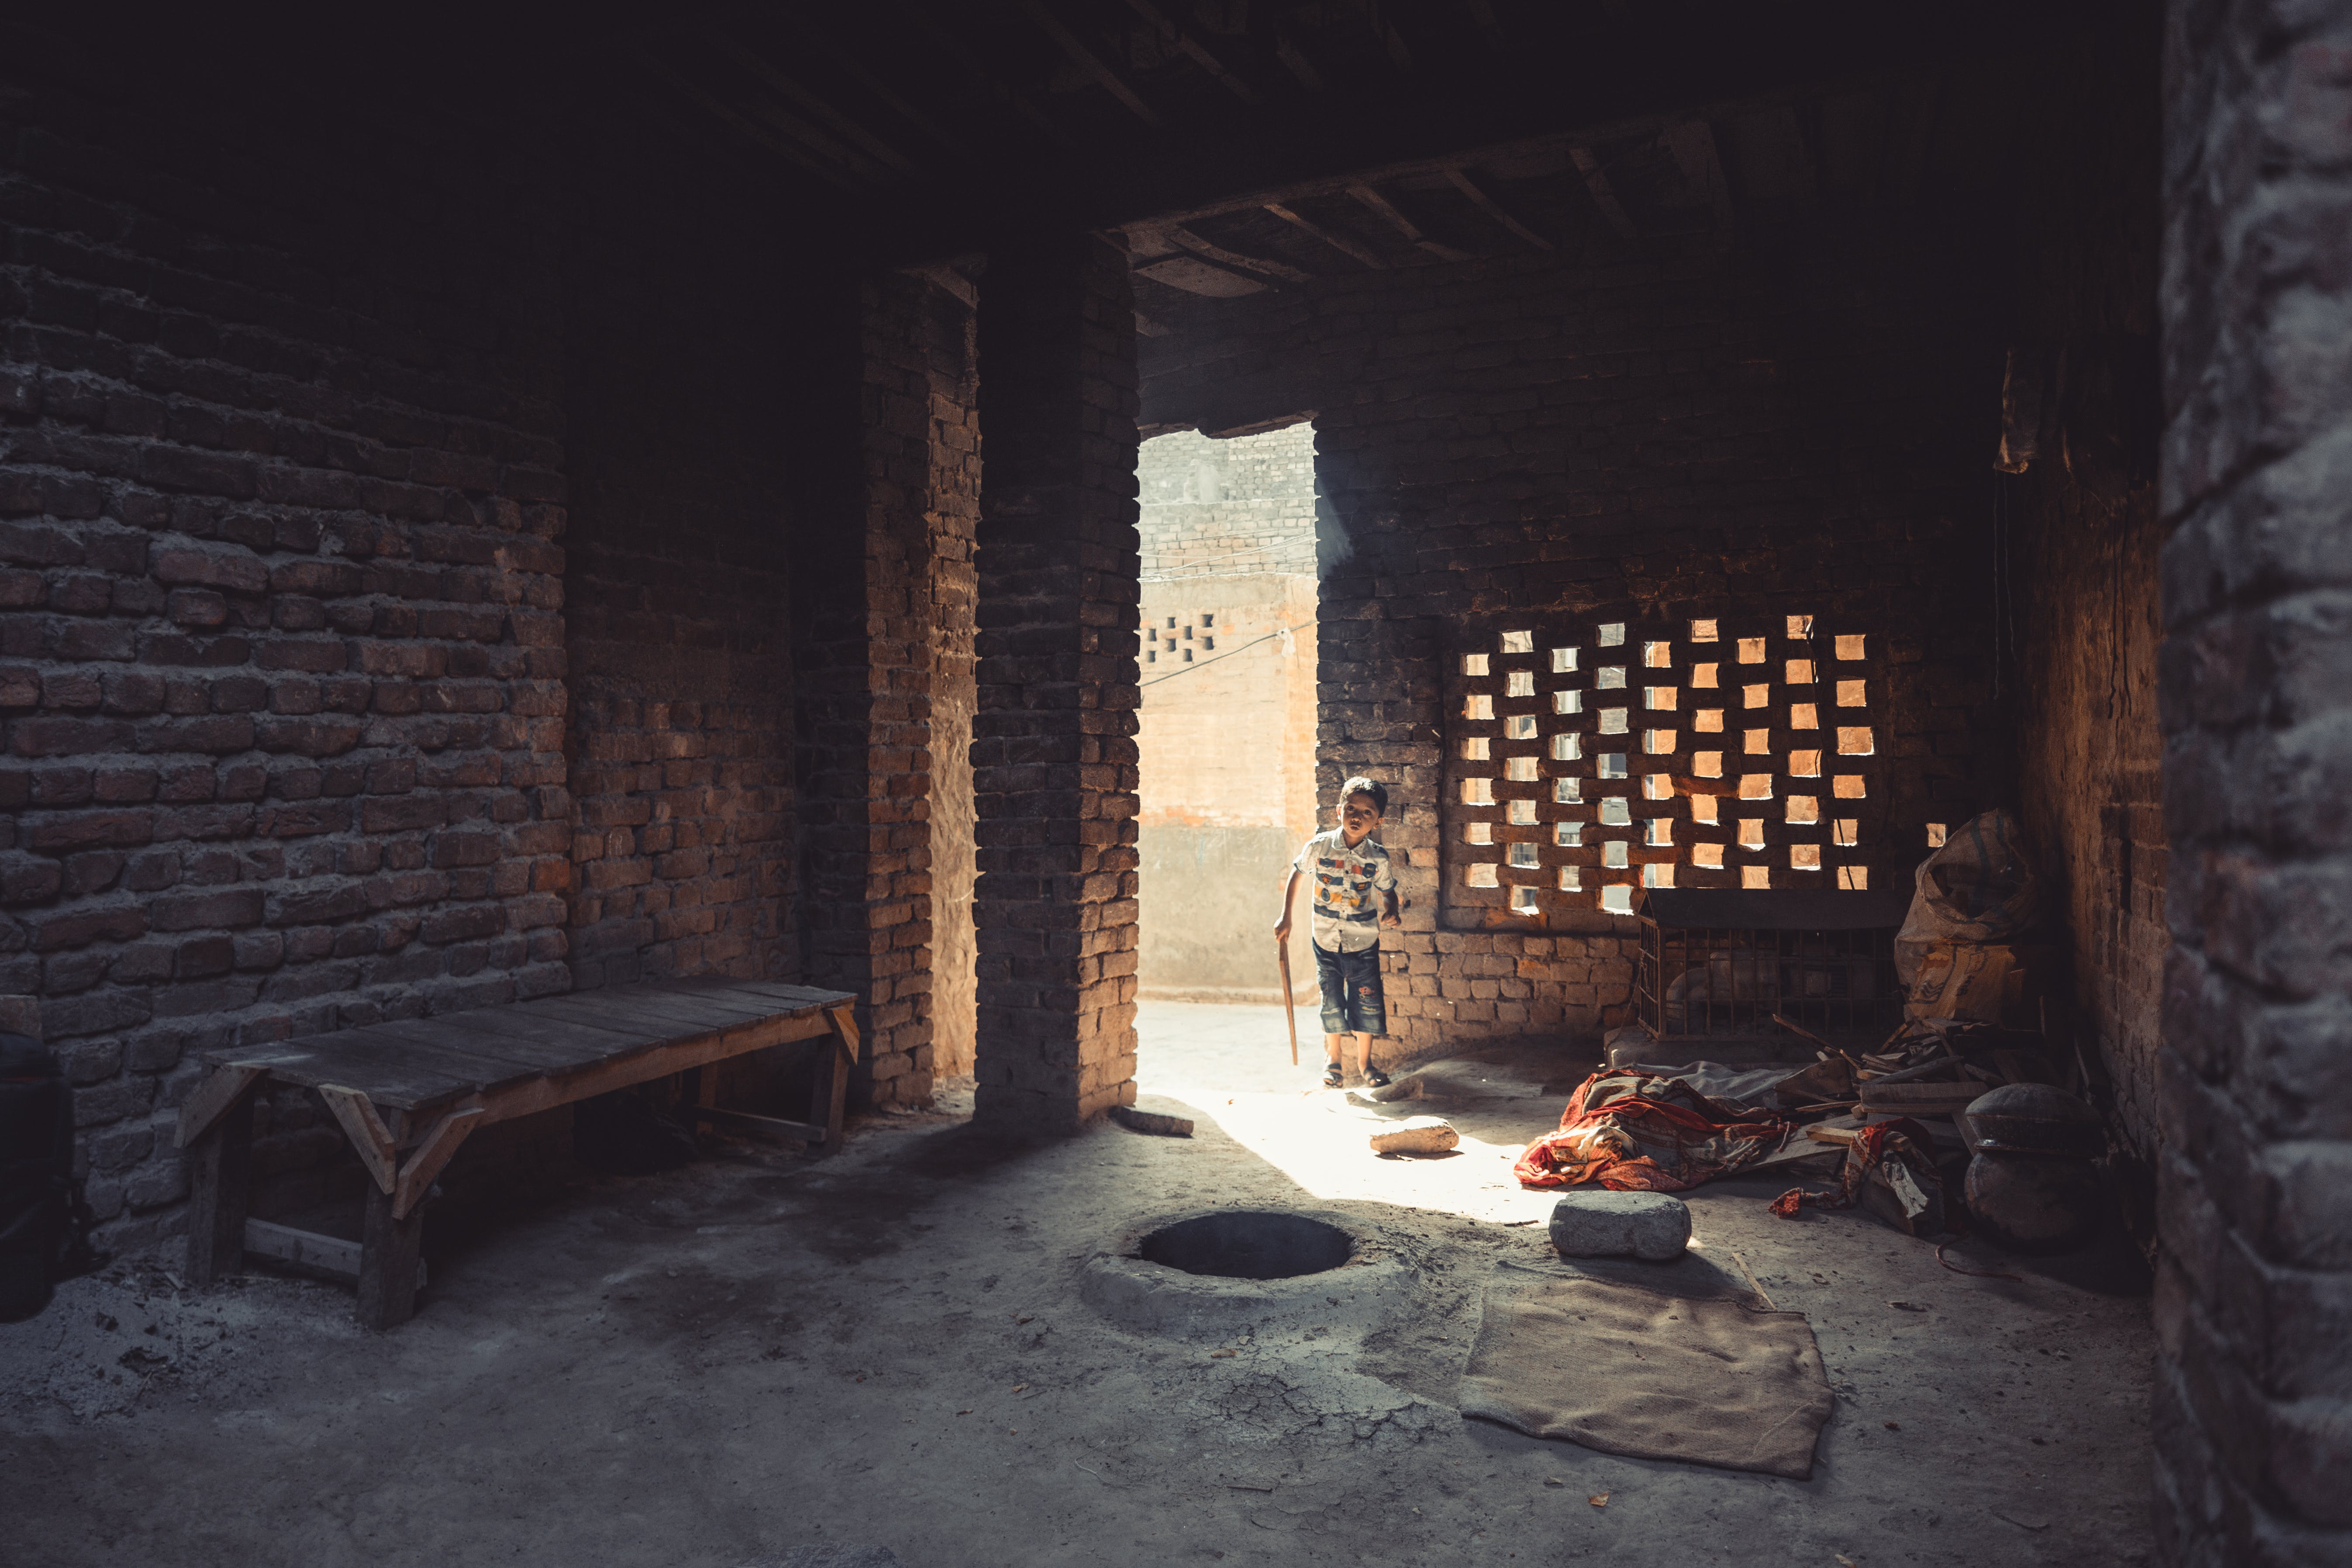 子, 廃墟, 戸口の無料の写真素材